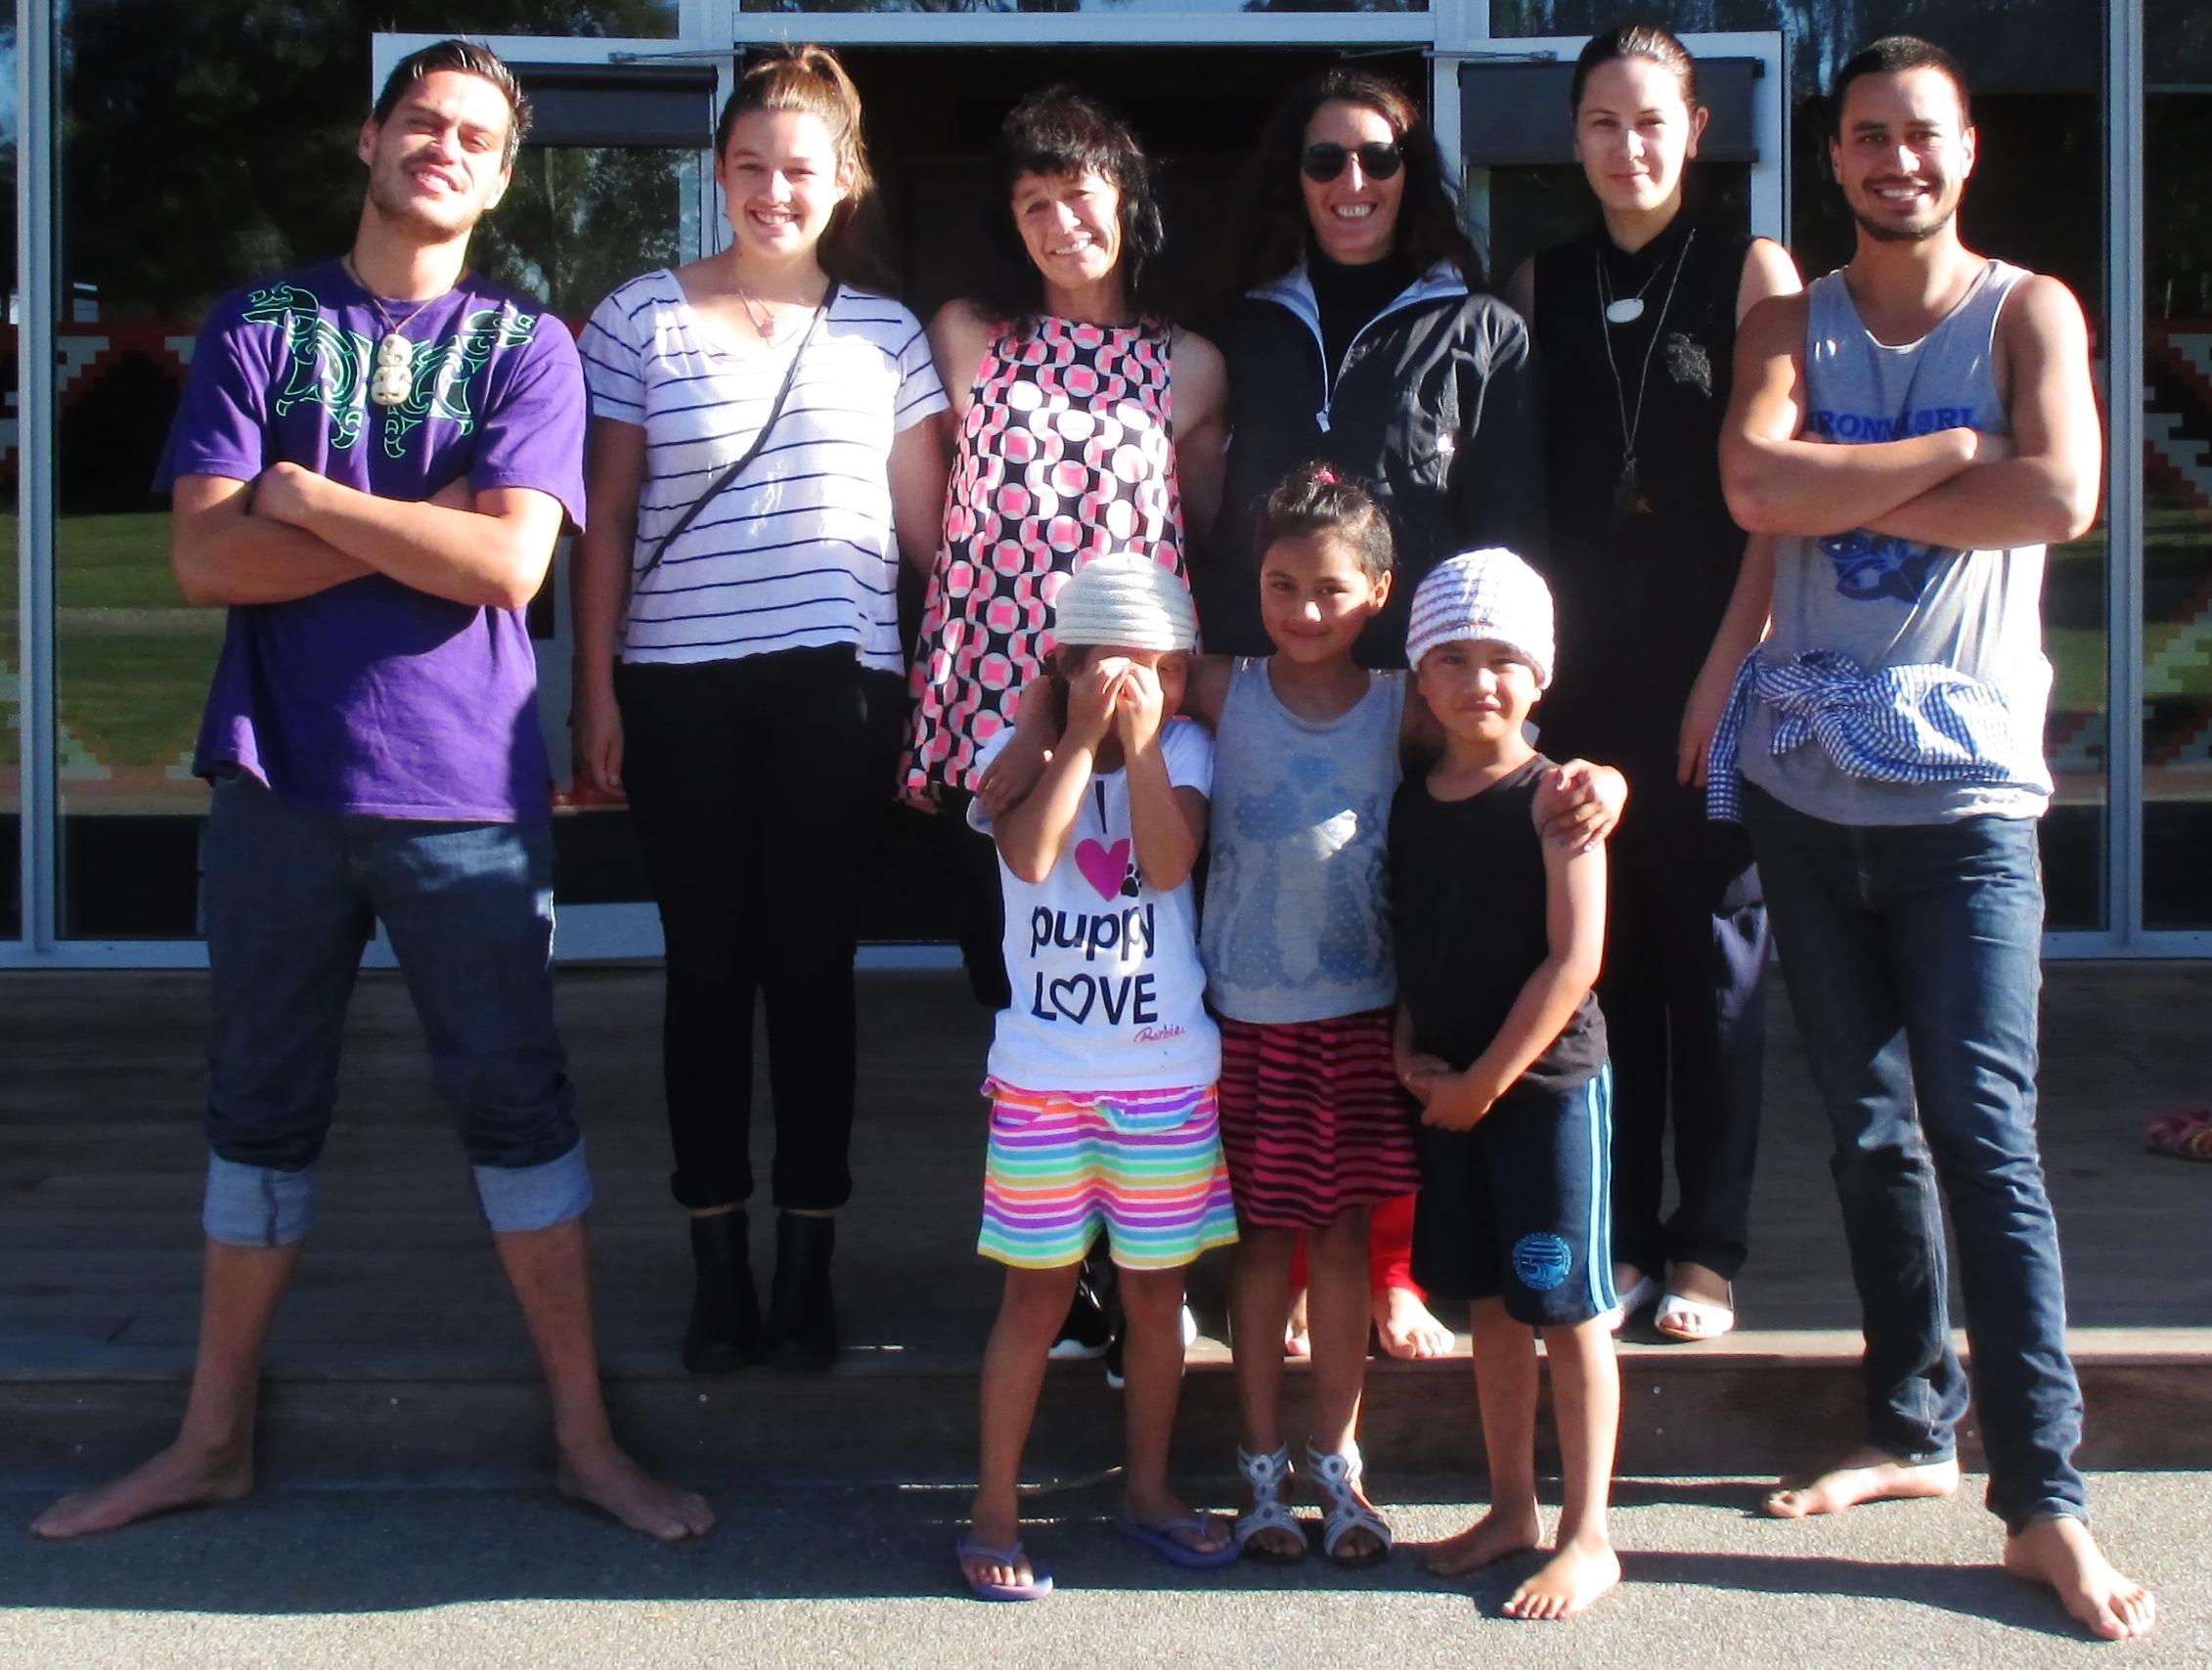 Rongomai Parata-Taiapa, Georgia-Rae Flack, Suzi Flack, Lisa Te Raki, Sam Jackson, Waiariki Parata-Taiapa and Tuahiwi tamariki.